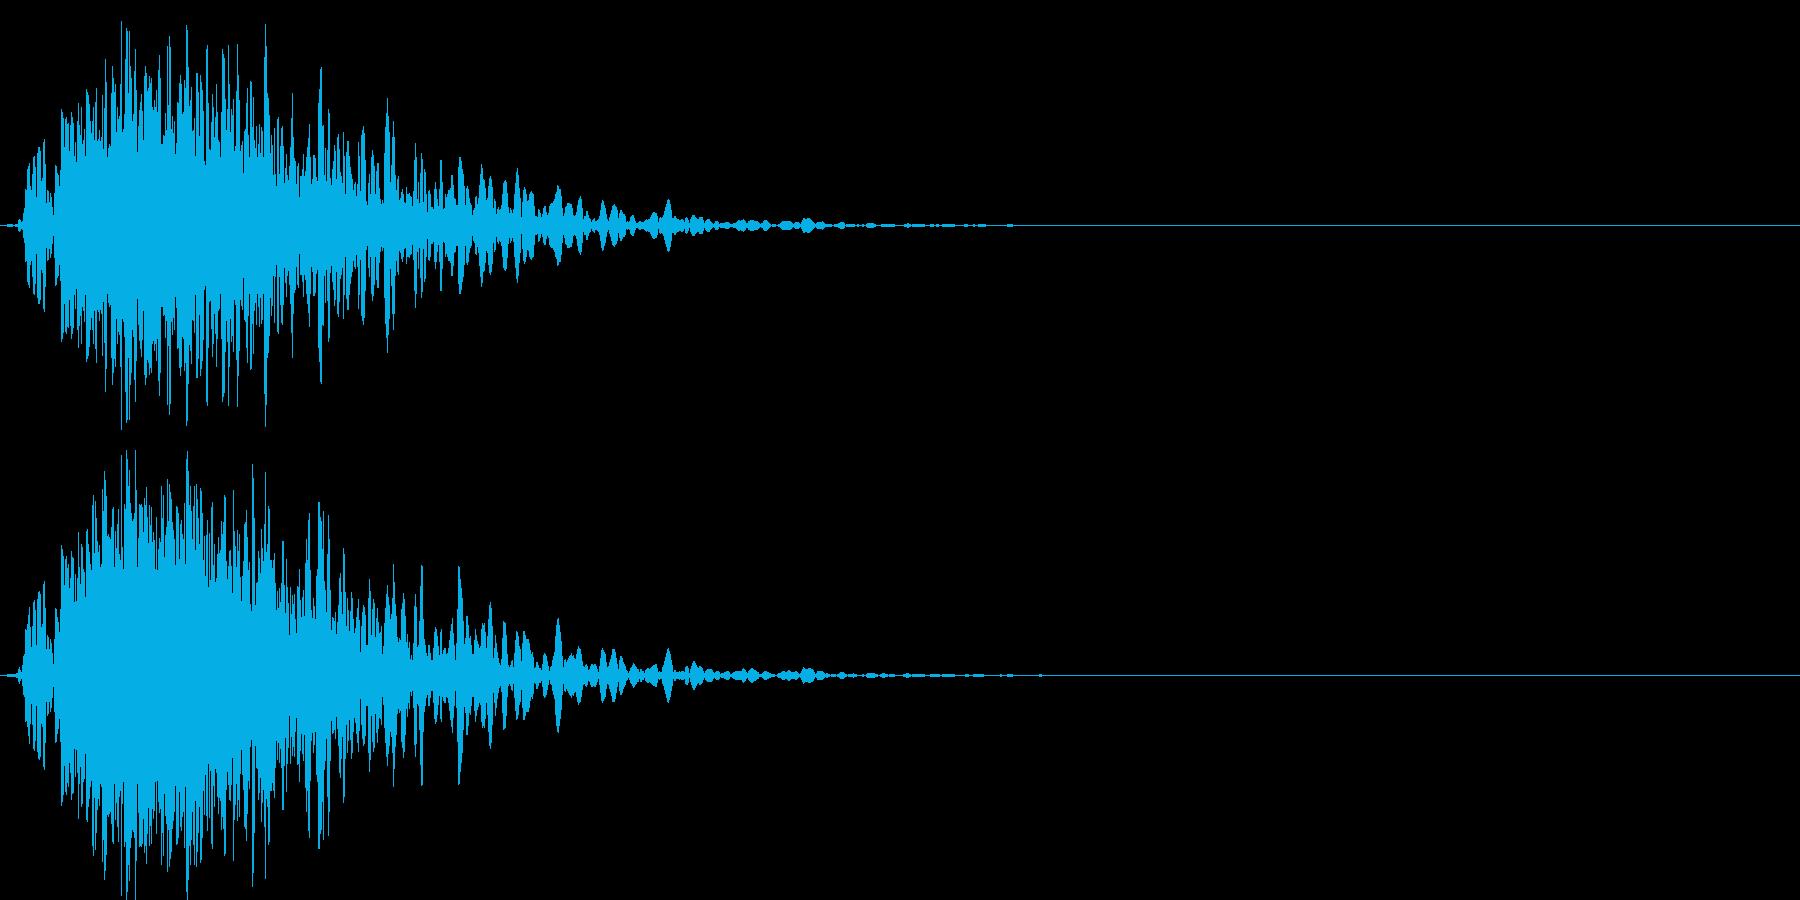 ドカーンバラバラ (爆発して壊れる音)の再生済みの波形